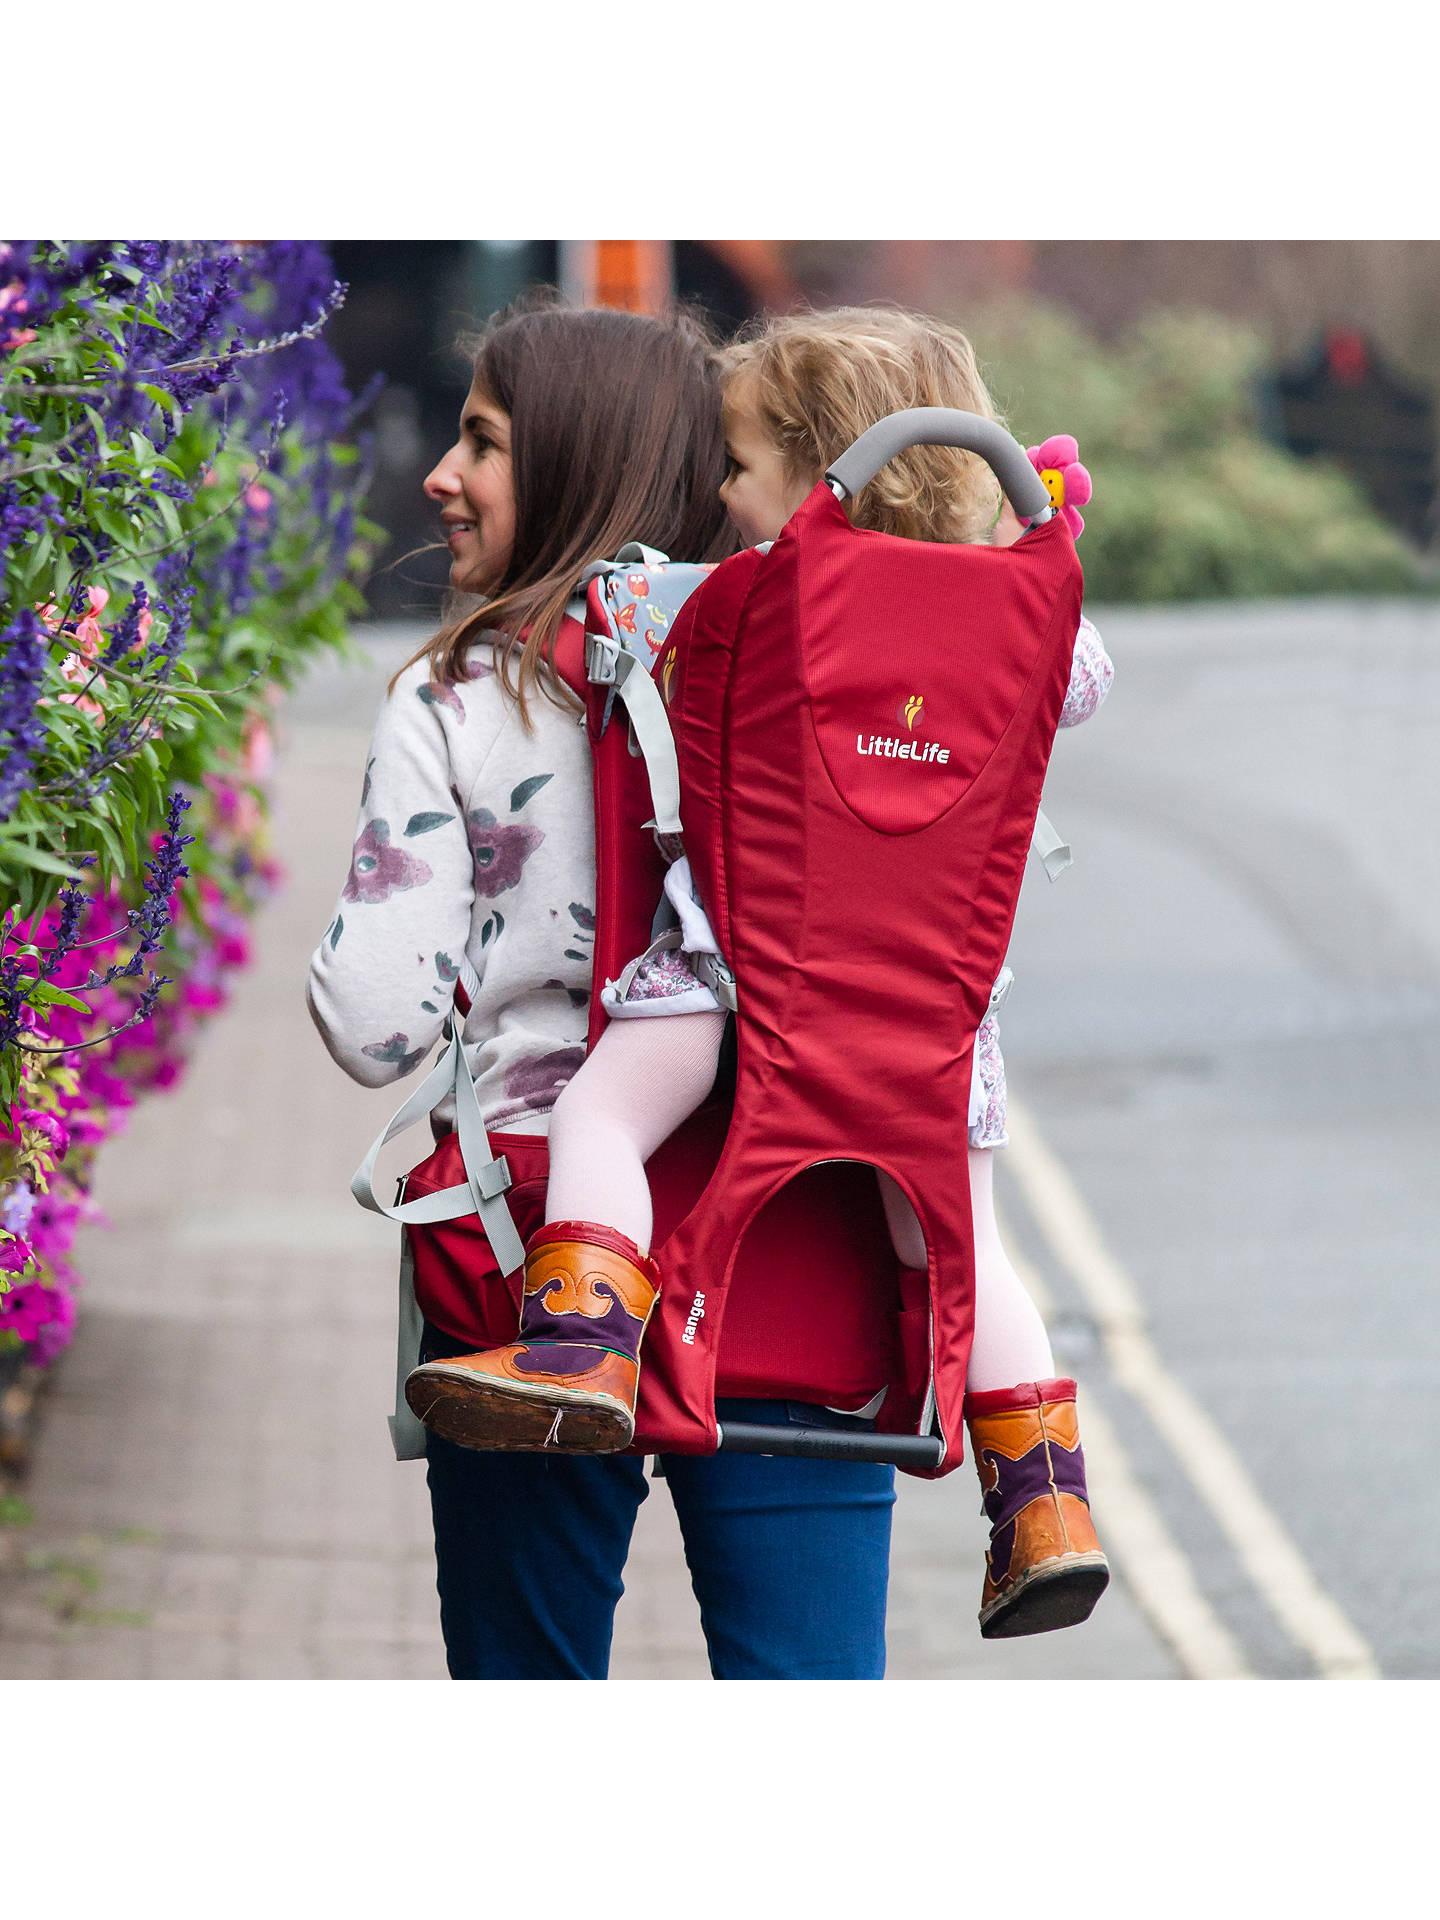 defdaff7eed ... Buy LittleLife Ranger S2 Child Back Carrier Online at johnlewis.com ...